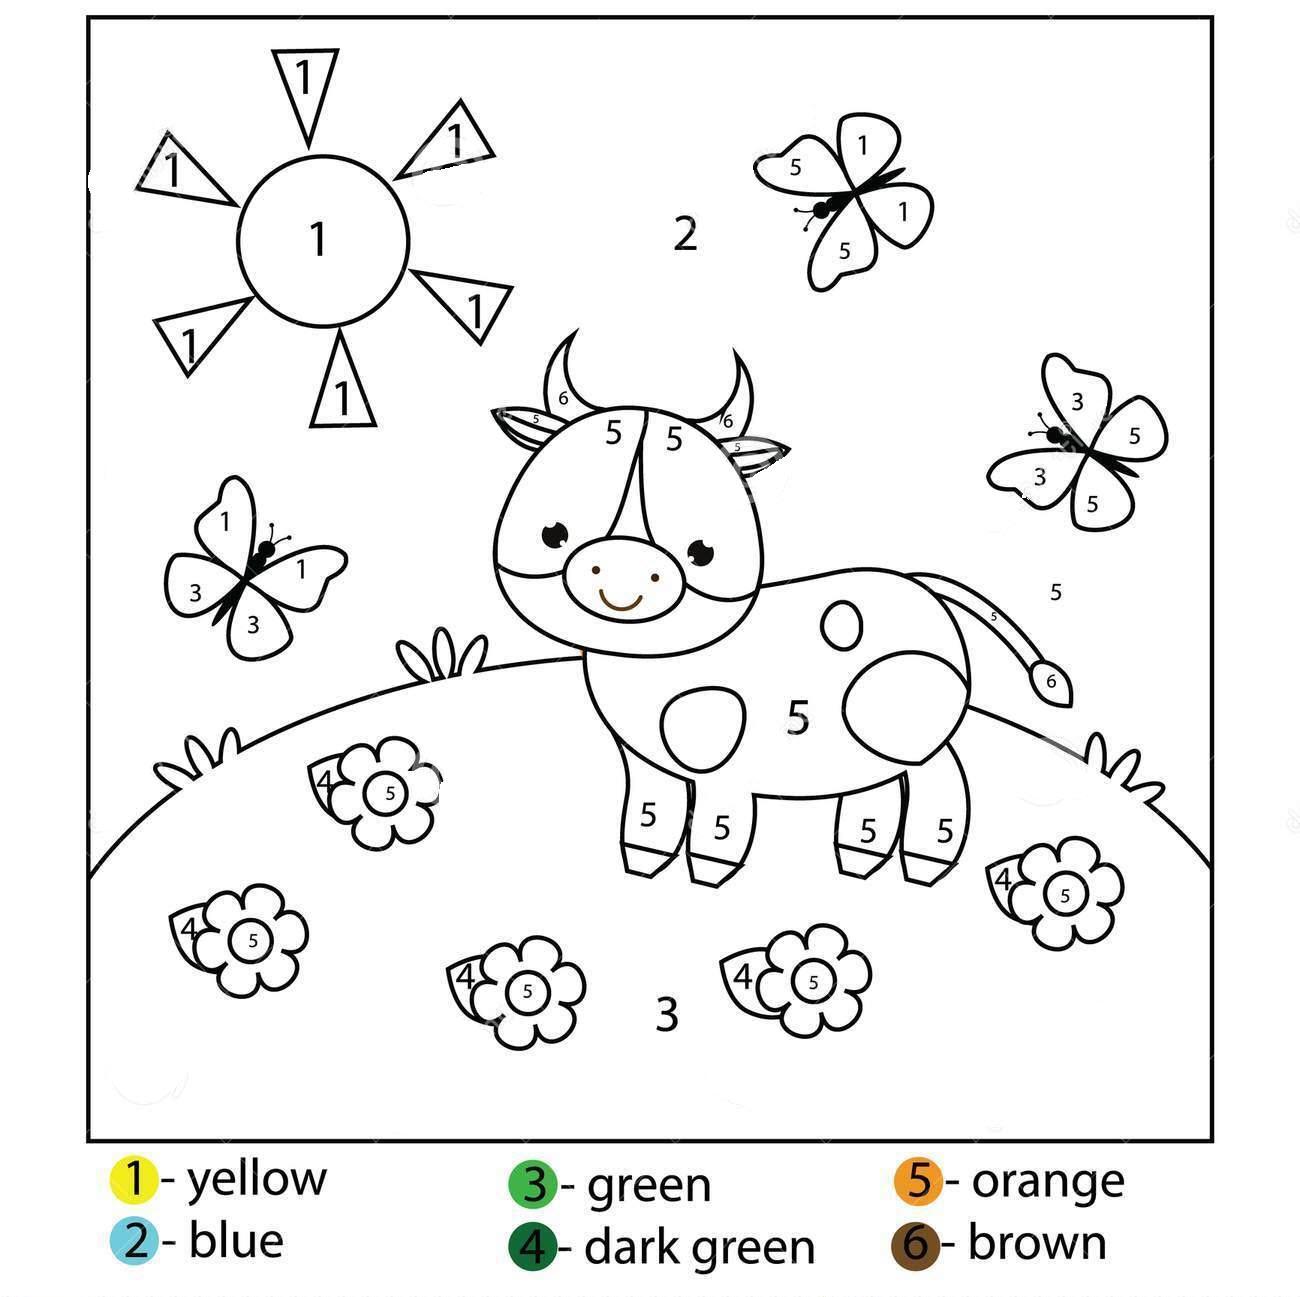 раскраски по номерам для дошкольников